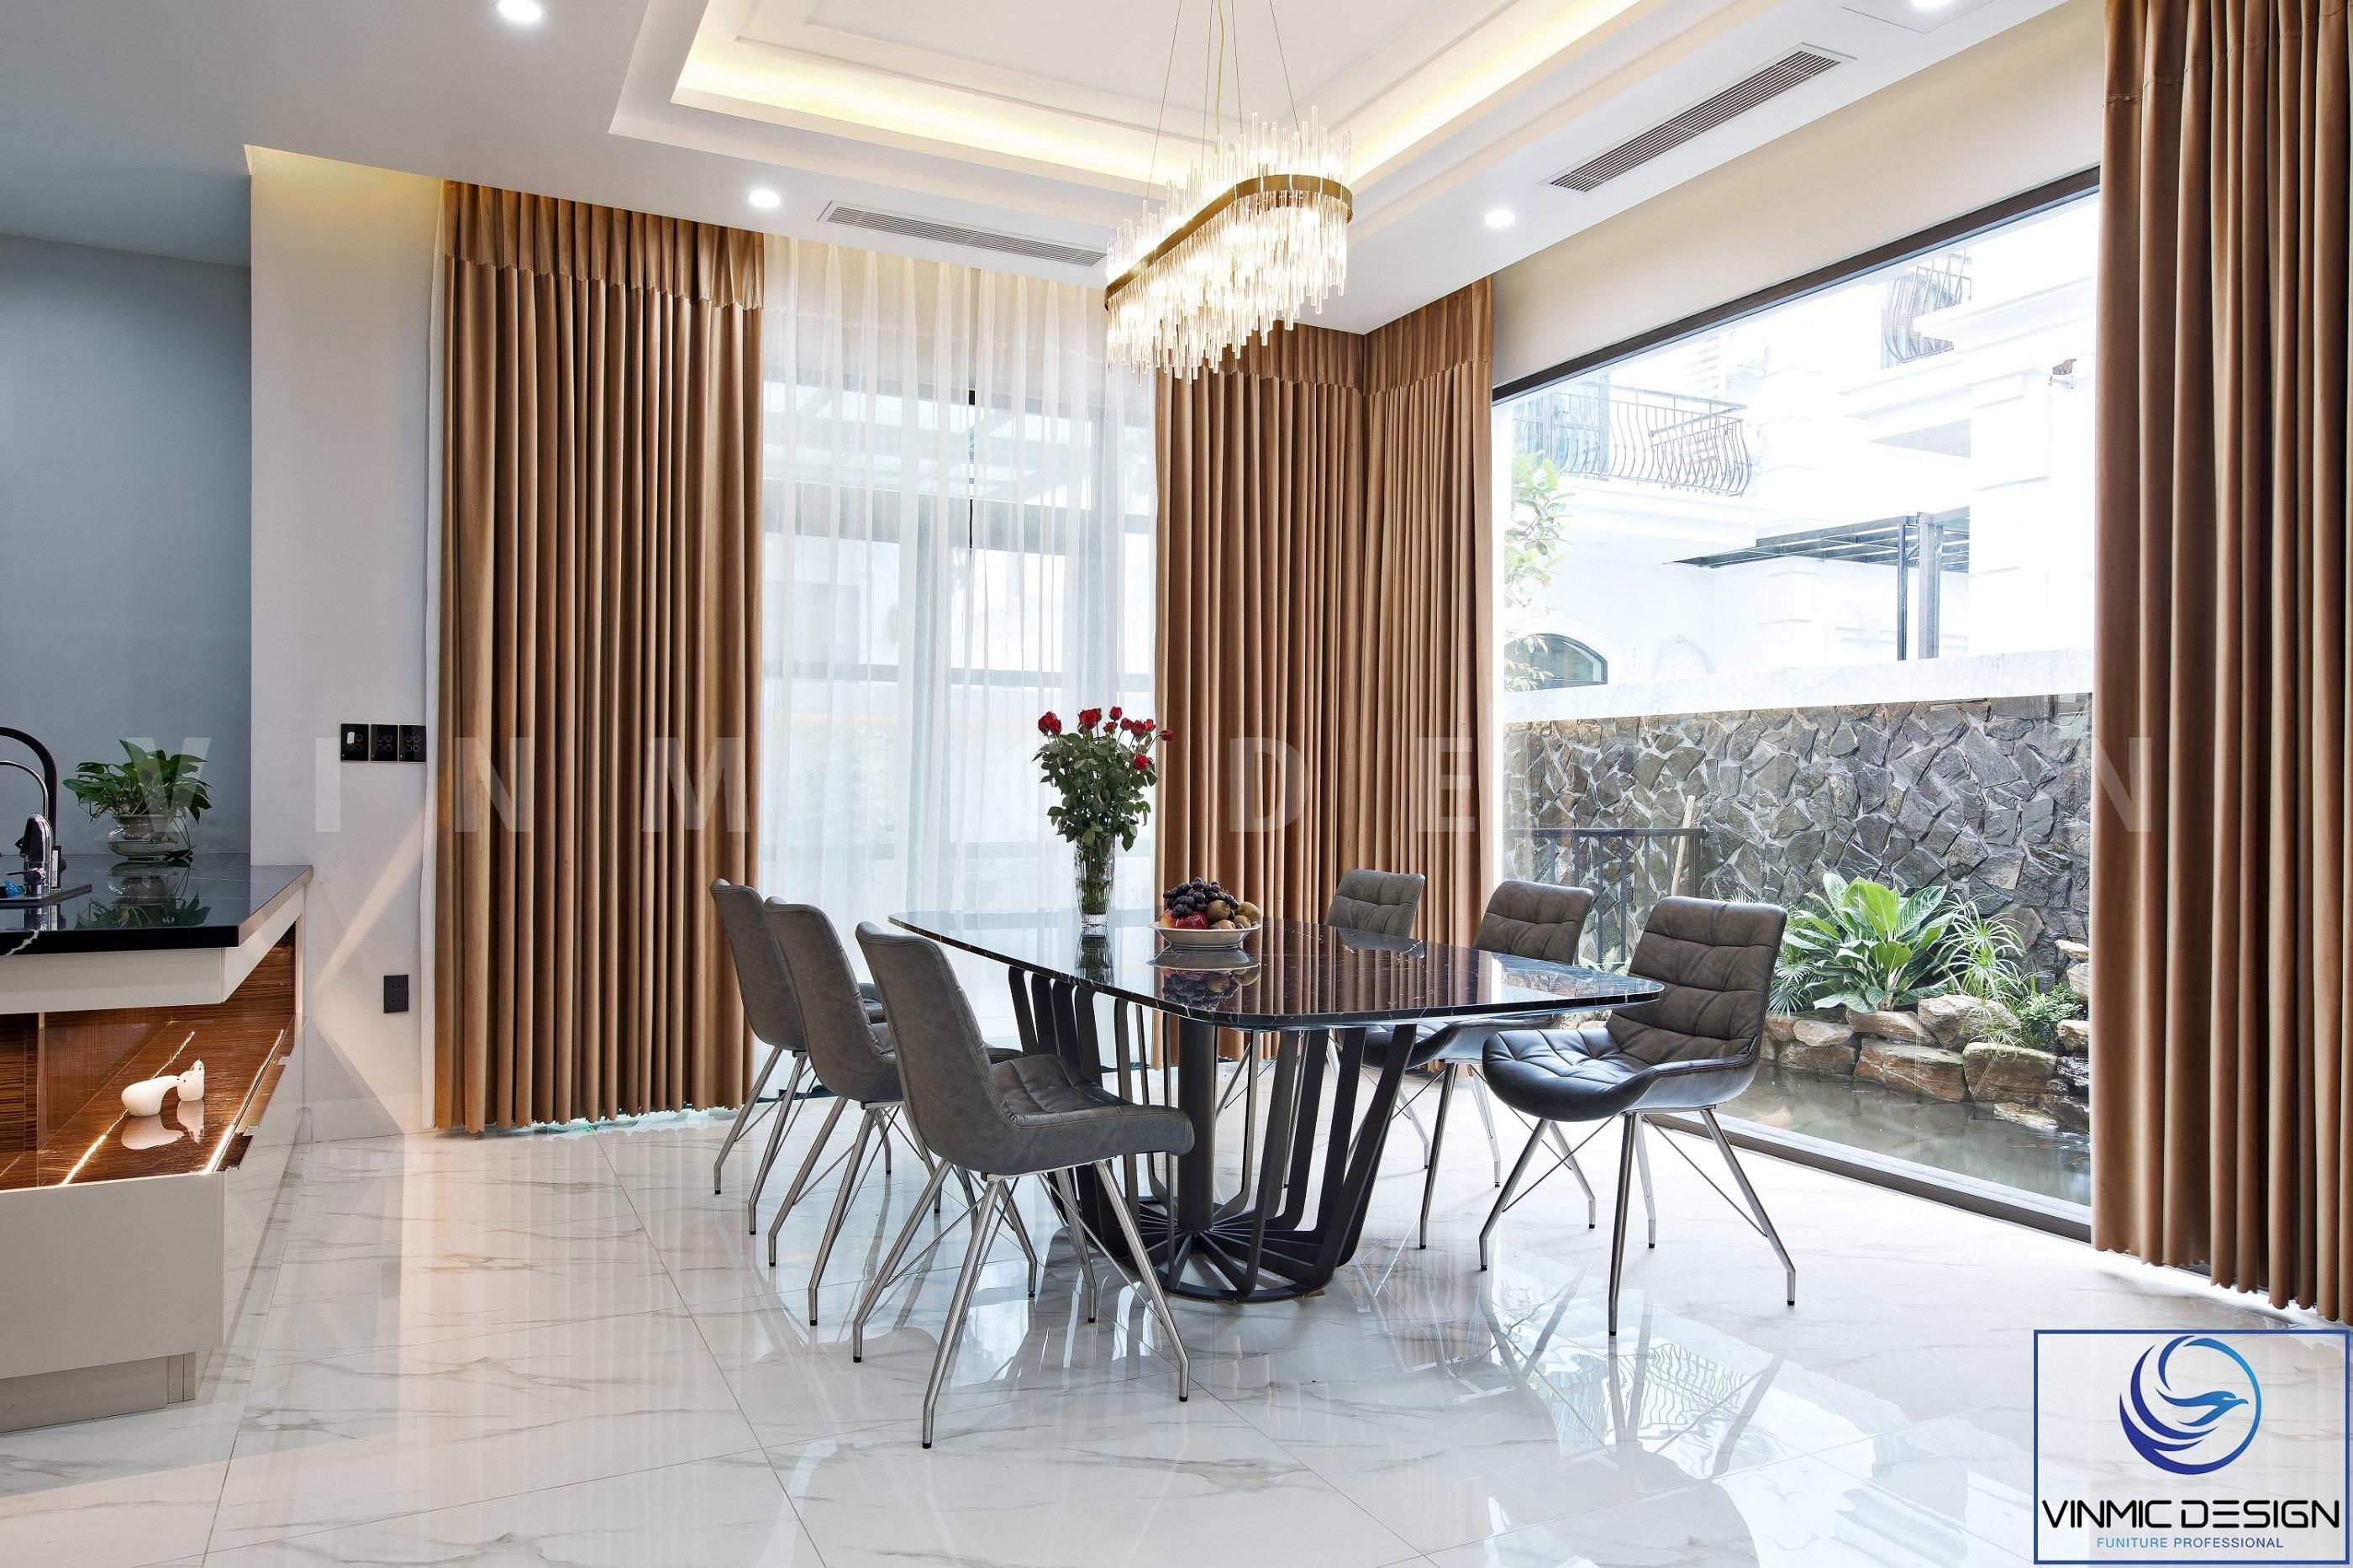 Tận dụng ánh sáng thiên nhiên cũng như không gian phía ngoài sảnh, tạo nên một phòng ăn đẹp mắt